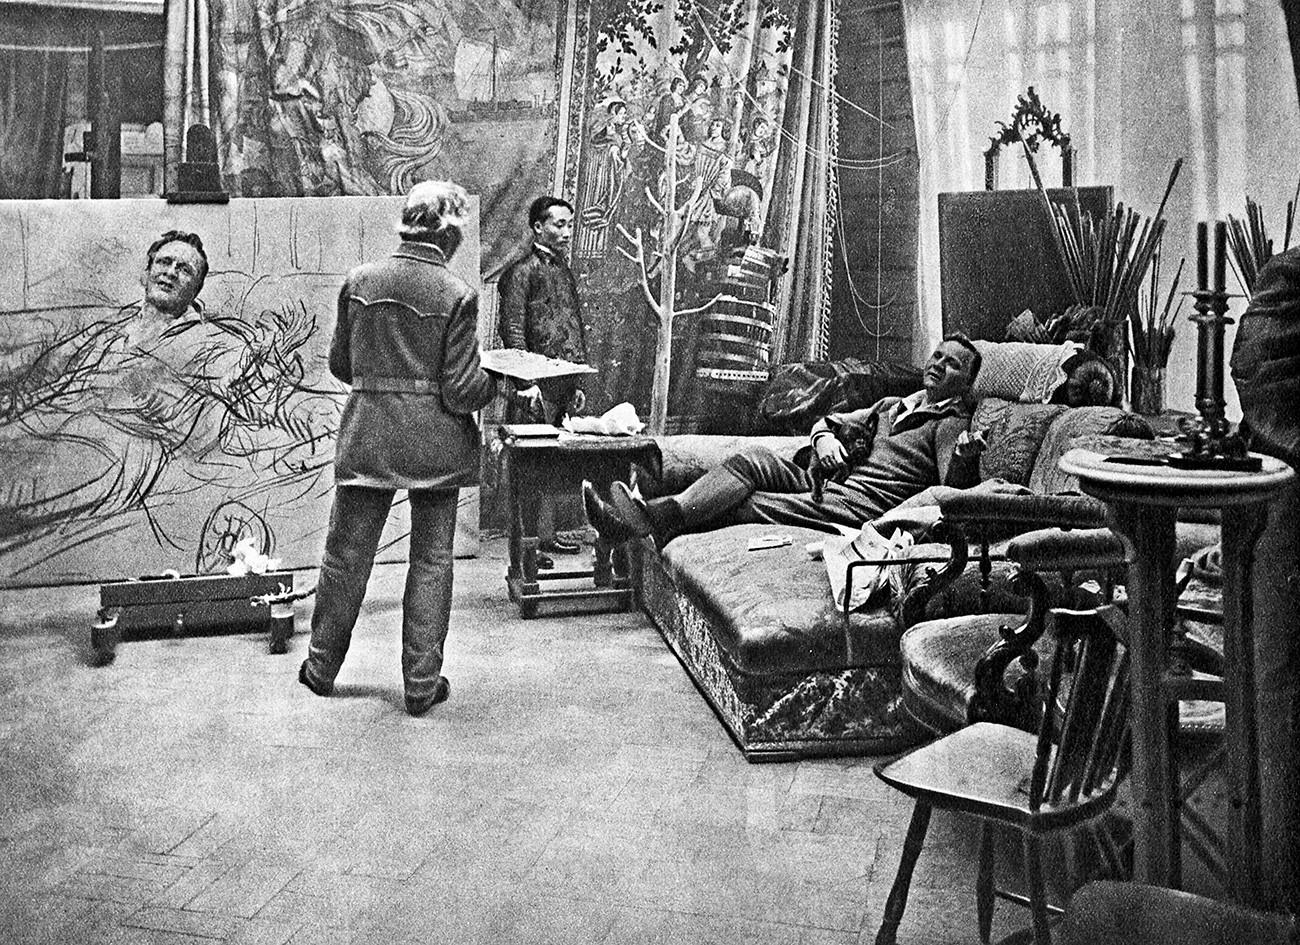 Seniman Ilya Repin melukis potret Fyodor Chaliapin di studionya, Februari – Maret 1914.